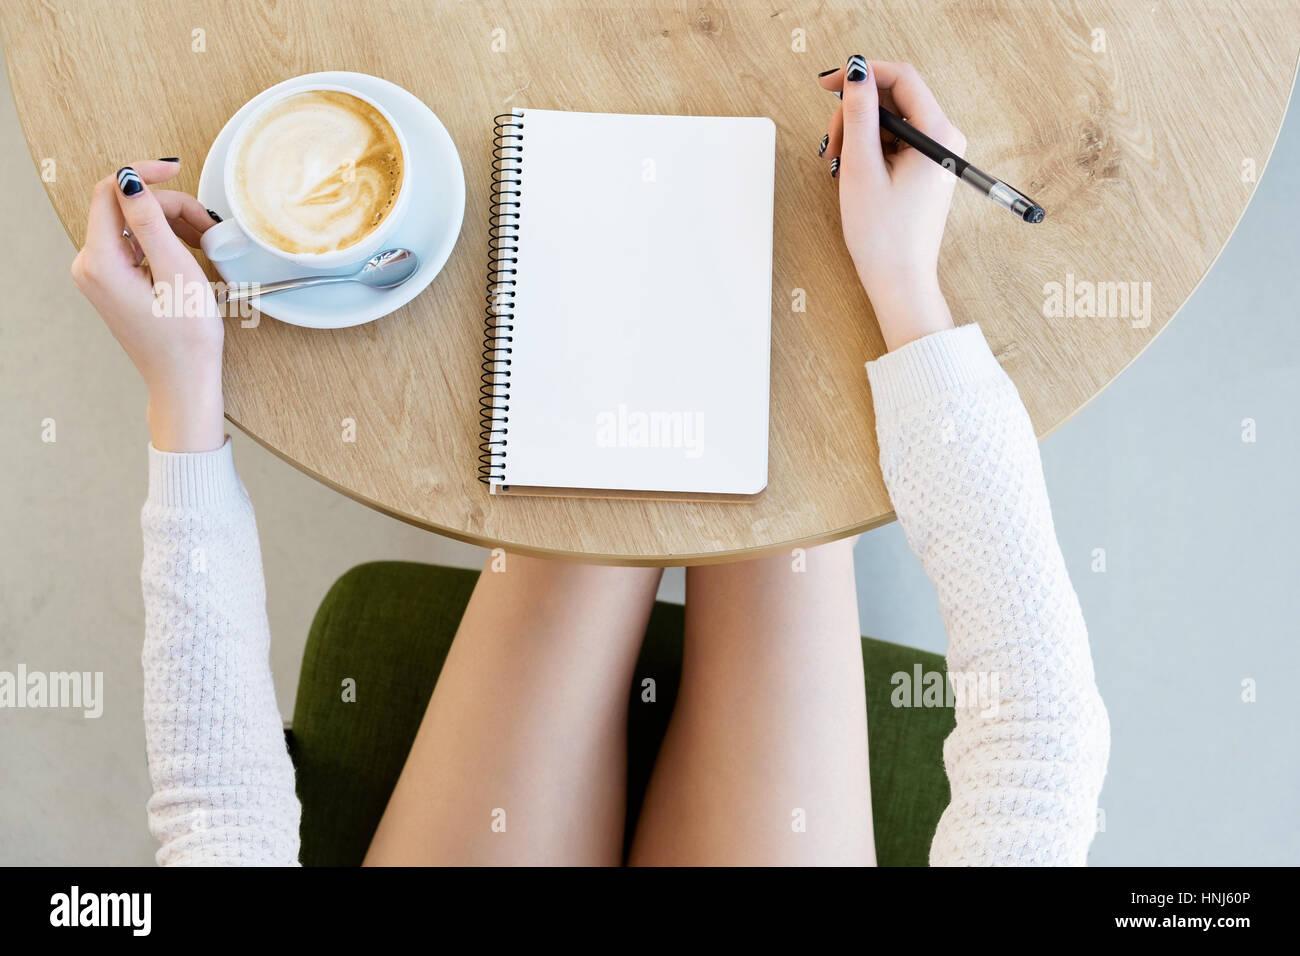 Mano de mujer escrito en el bloc de notas Imagen De Stock